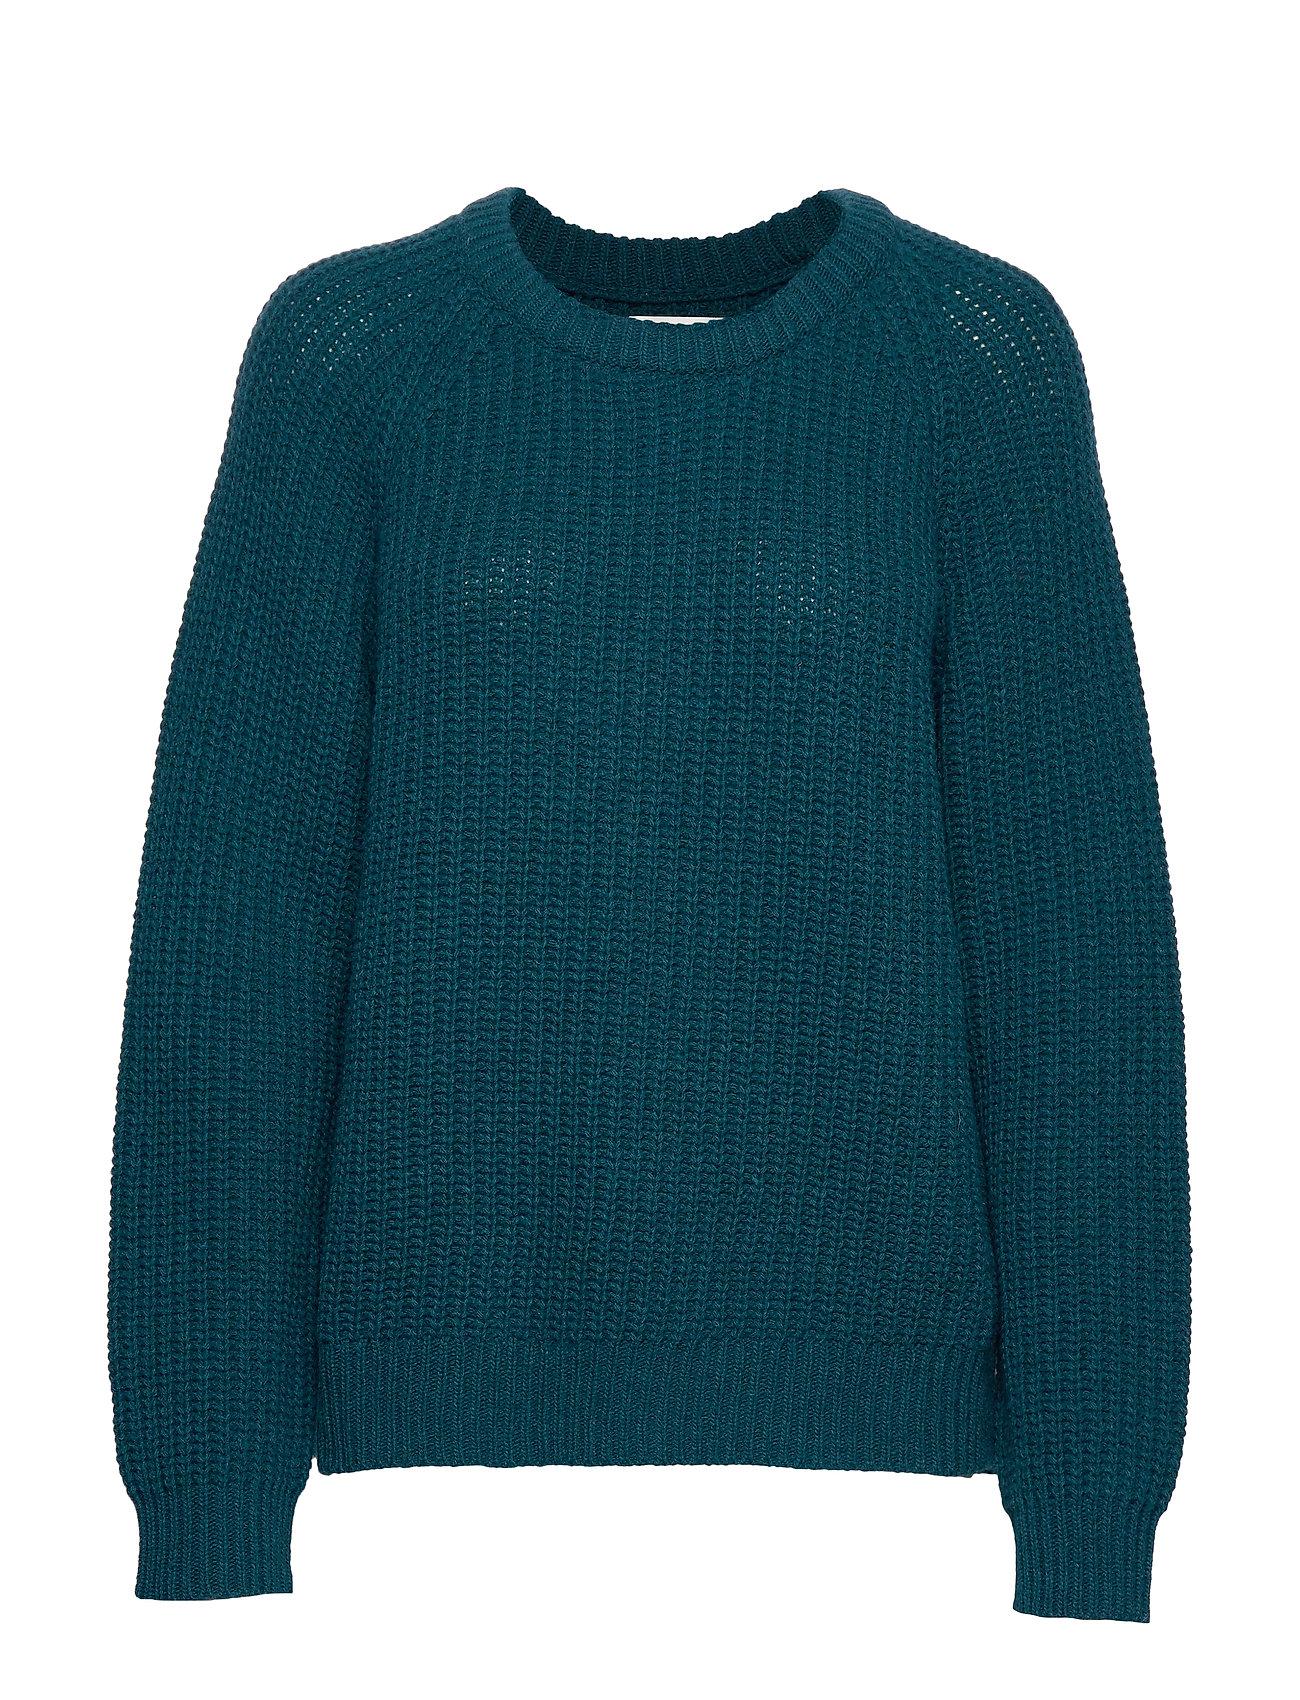 Mads Nørgaard Recycled Favorite Wool Ketty - DARK PETROL